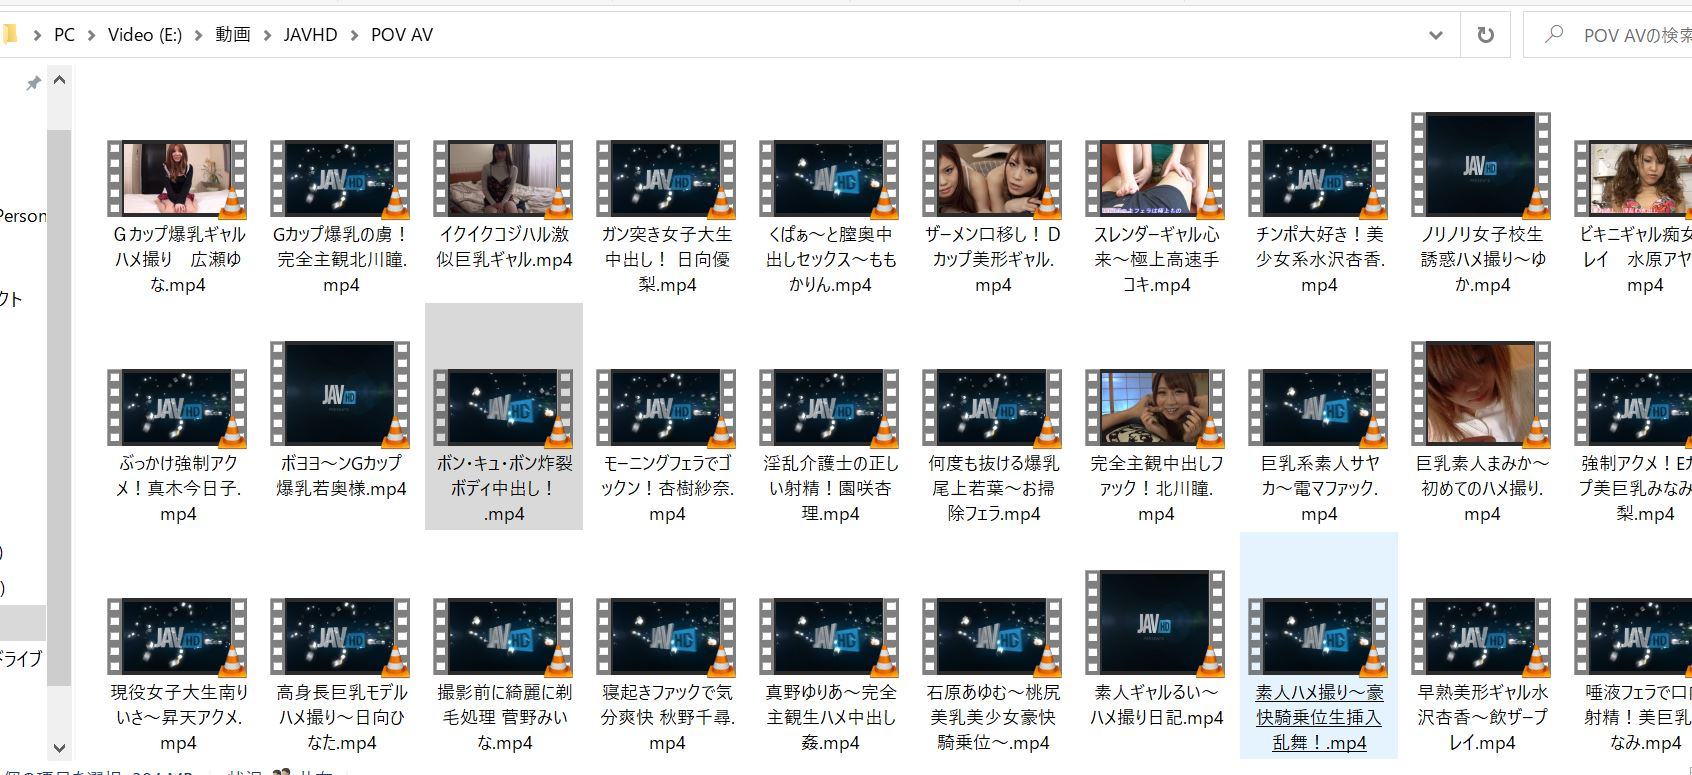 私がPOV AVからダウンロードした無修正動画の一部